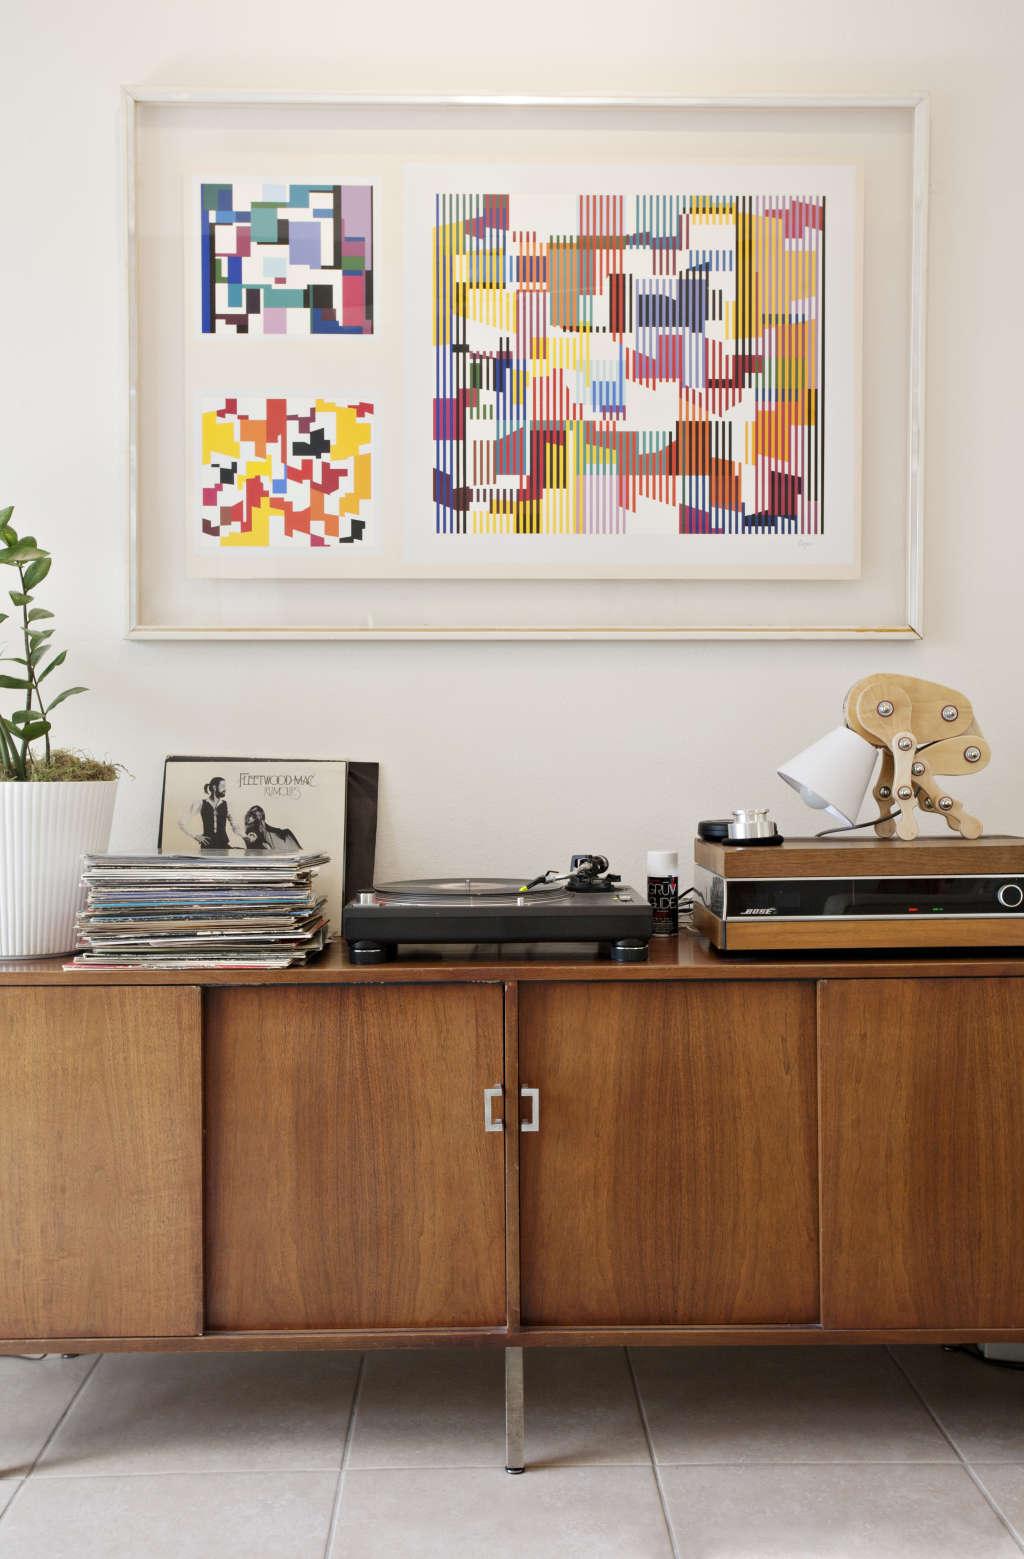 Vinyl Record Storage: 25 Best Storage Solutions